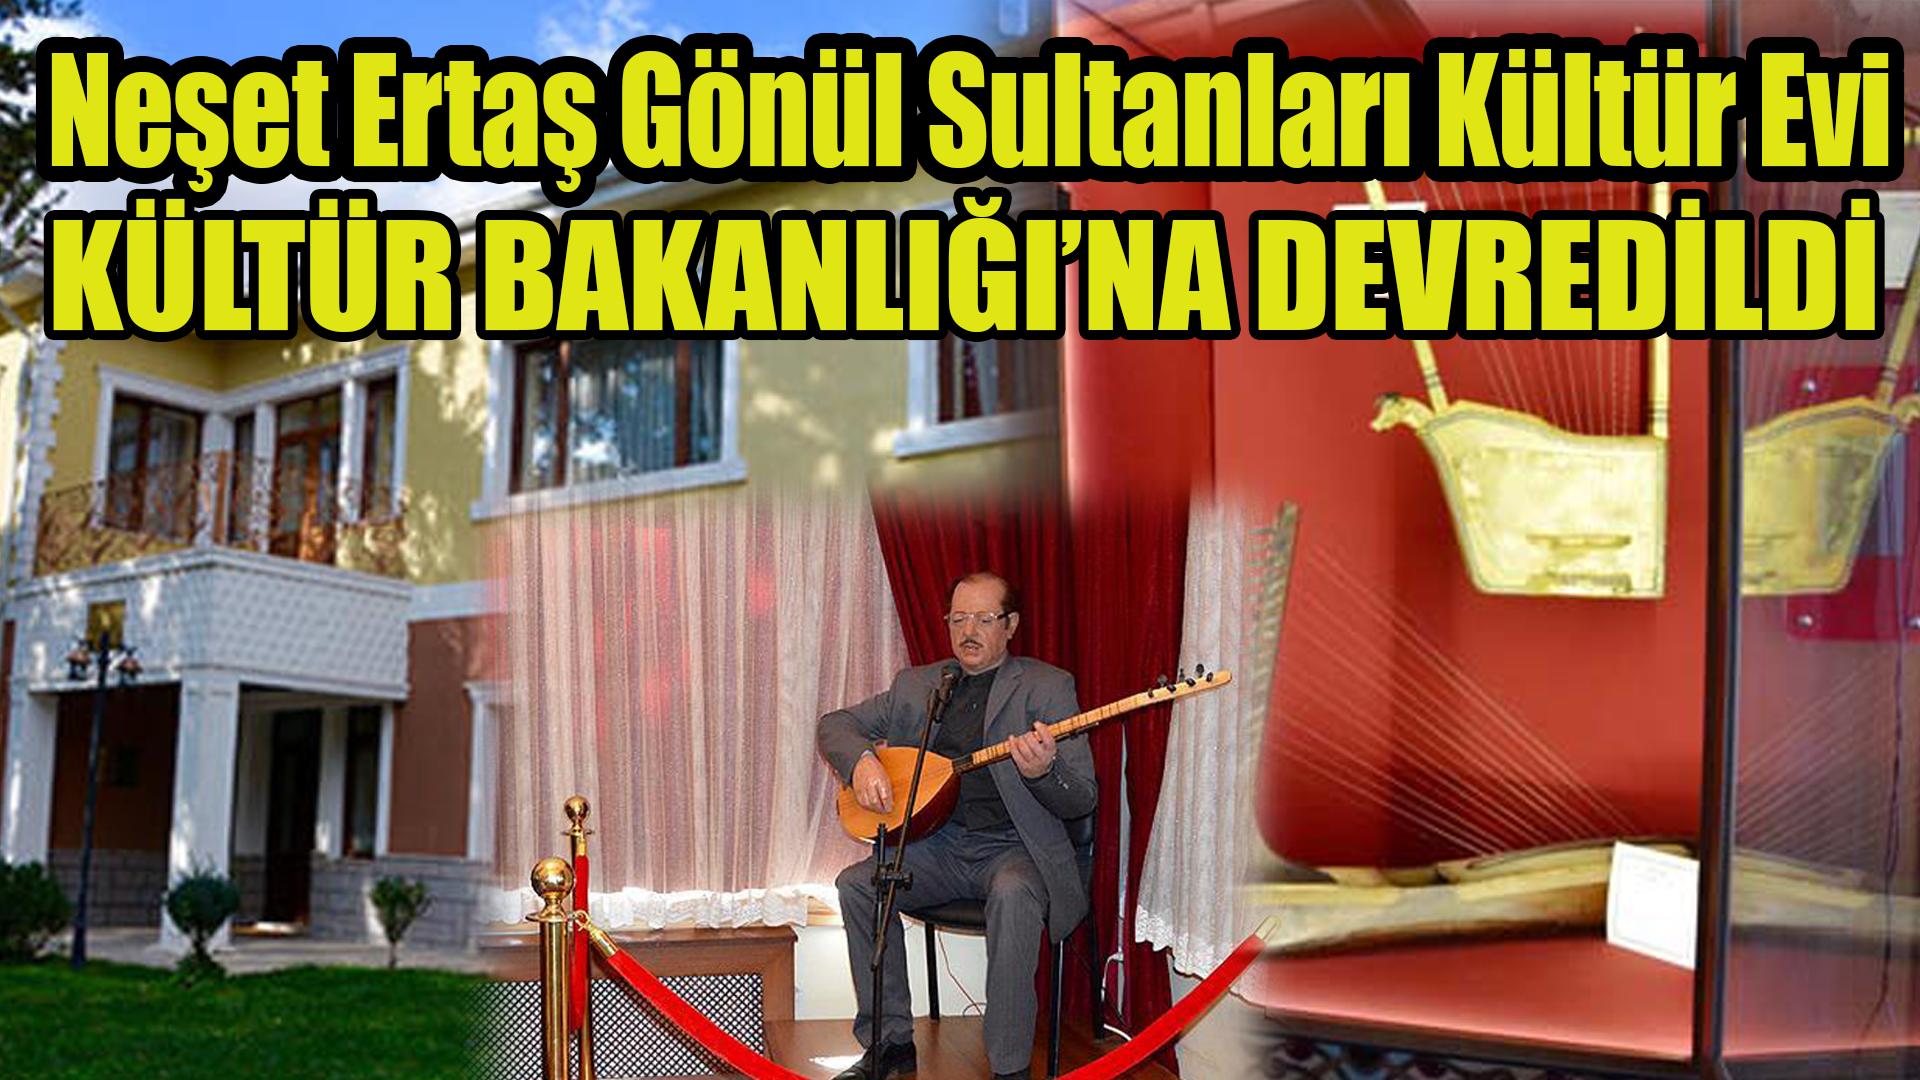 Neşet Ertaş Gönül Sultanları Evi, Kültür ve Turizm Bakanlığı'na devredildi